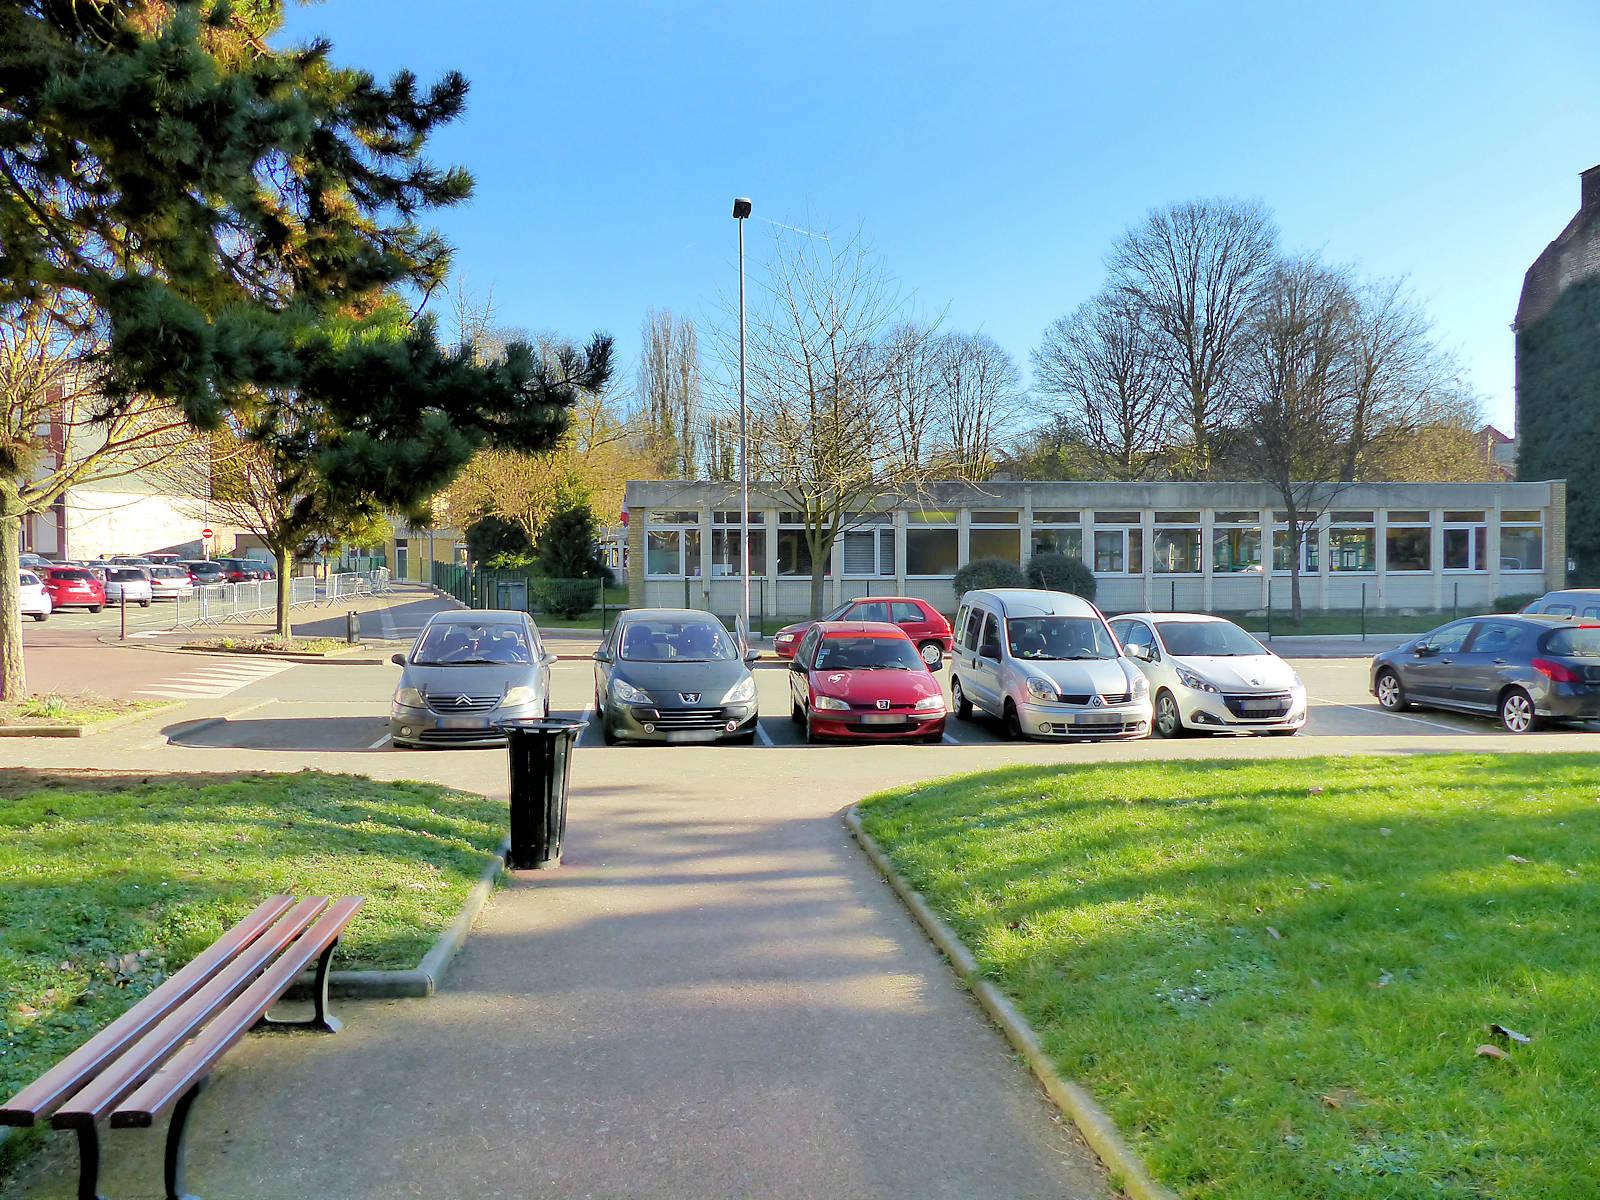 école maternelle pierre corneille, Tourcoing